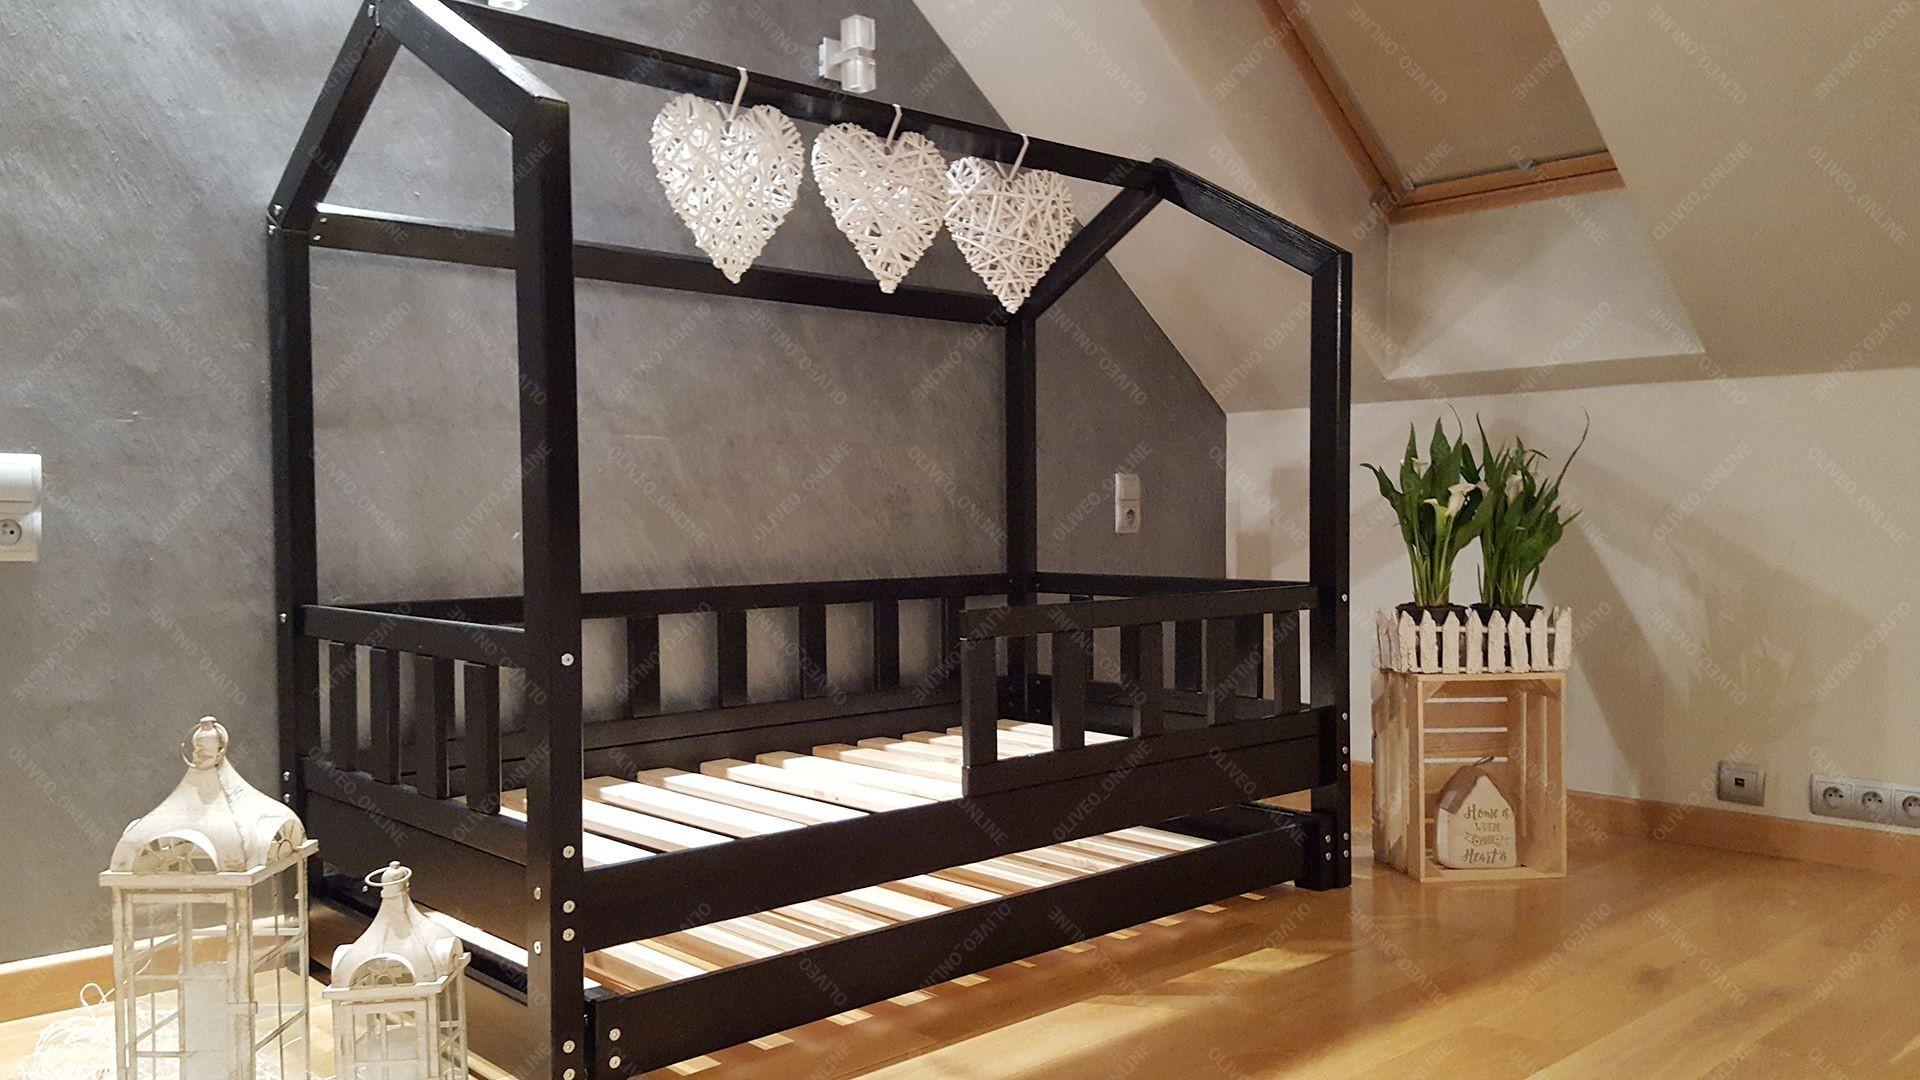 lit cabane bella avec barri re avec deuxi me lit 80 x. Black Bedroom Furniture Sets. Home Design Ideas